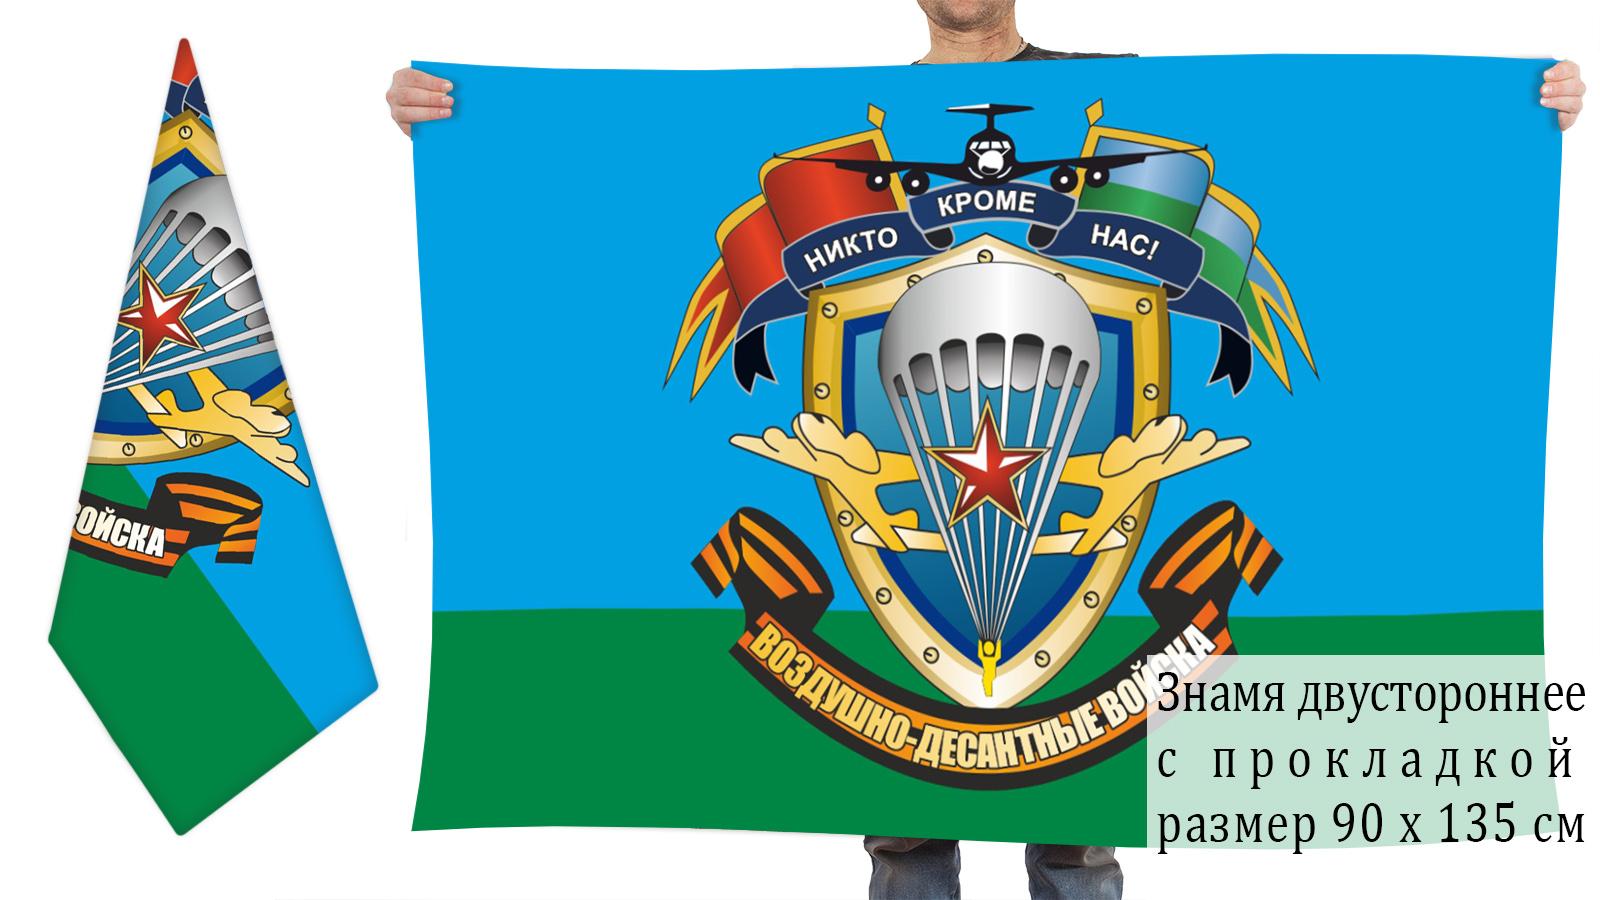 Двусторонний флаг ВДВ с символикой и девизом